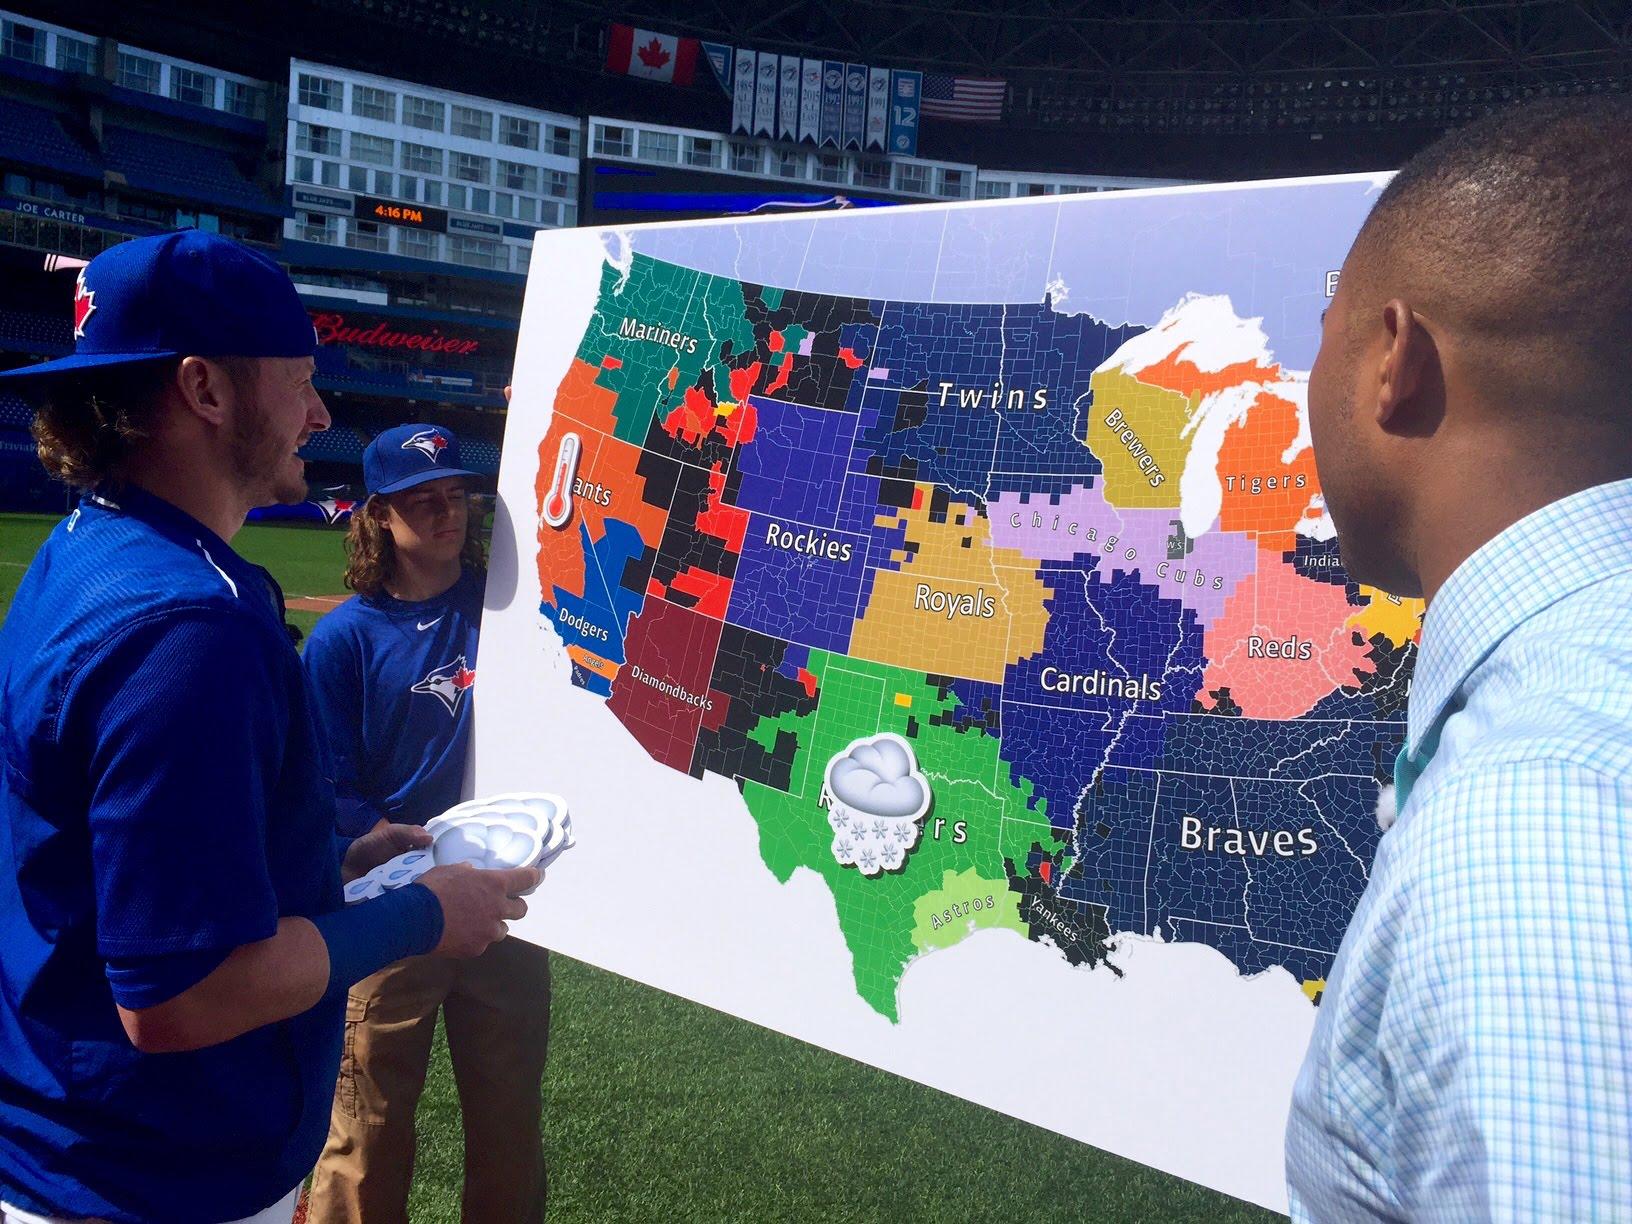 Josh Donaldson predicts home runs in Philadelphia